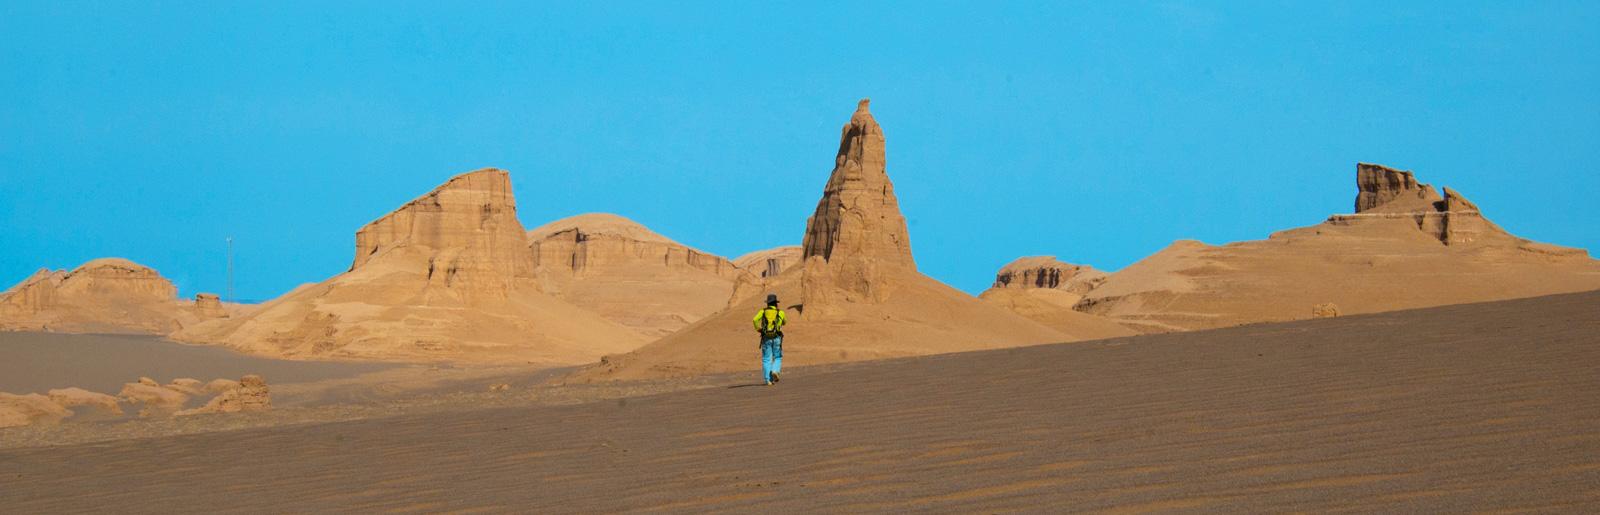 Safari in Lut Desert, visiting Kerman and Yazd